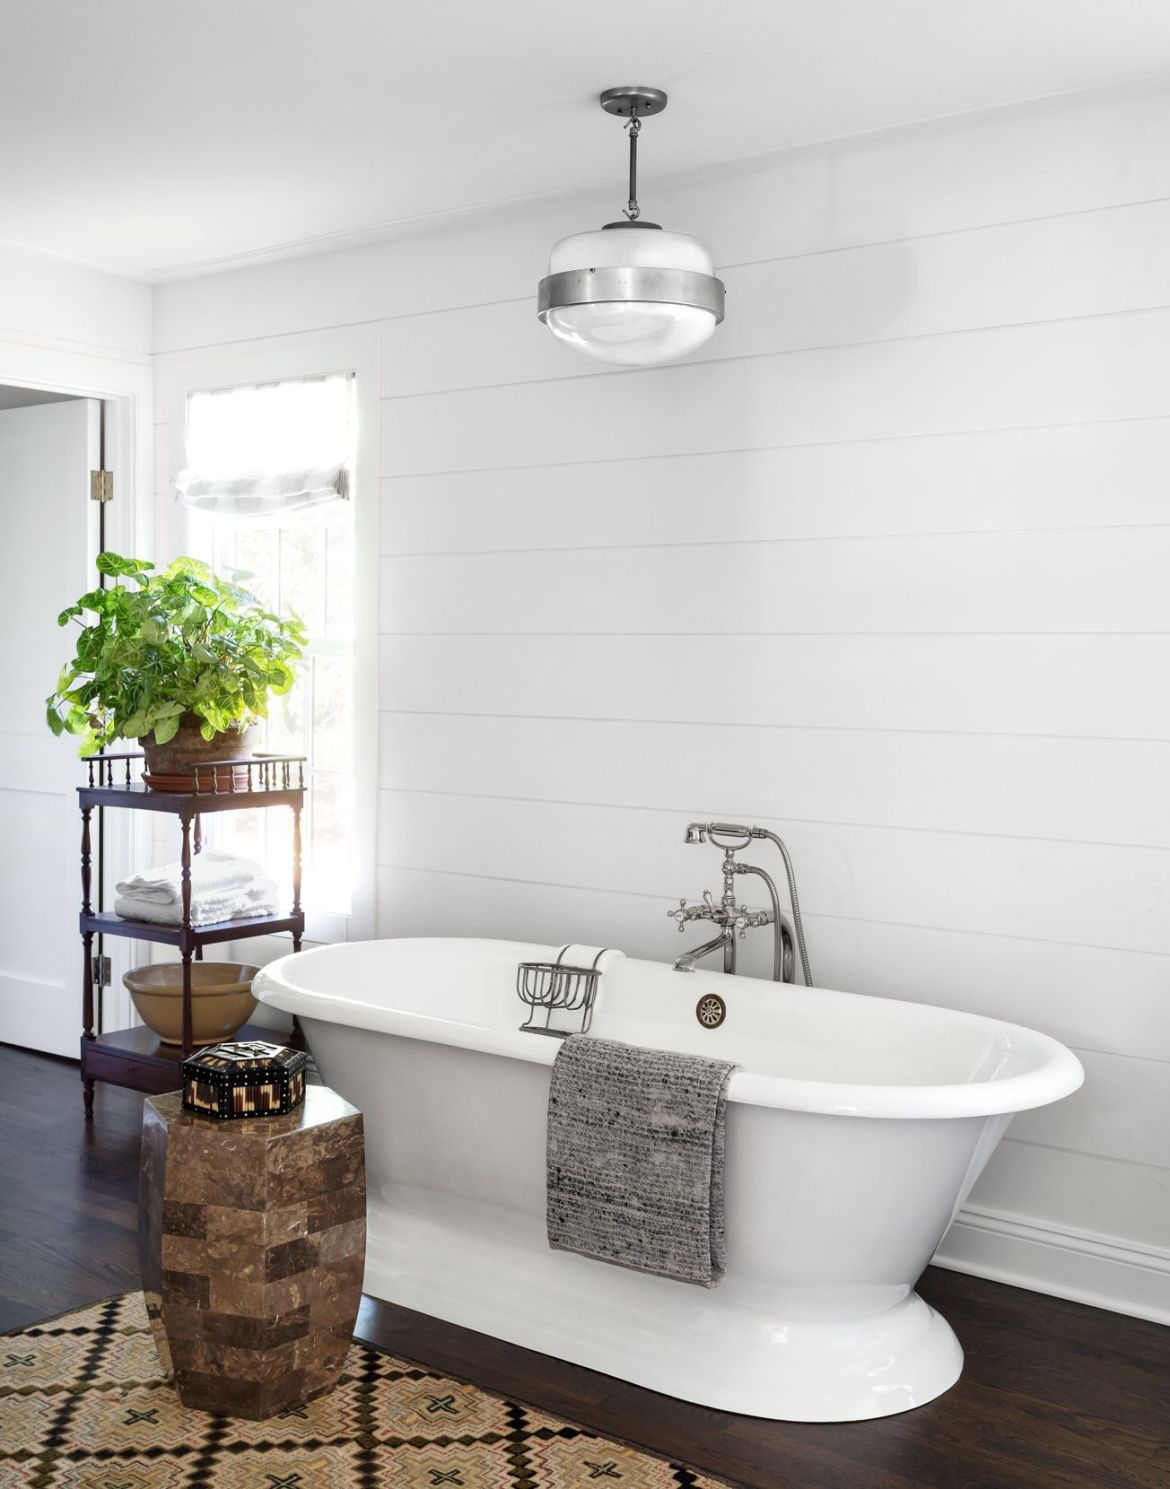 james huniford white cast iron tub